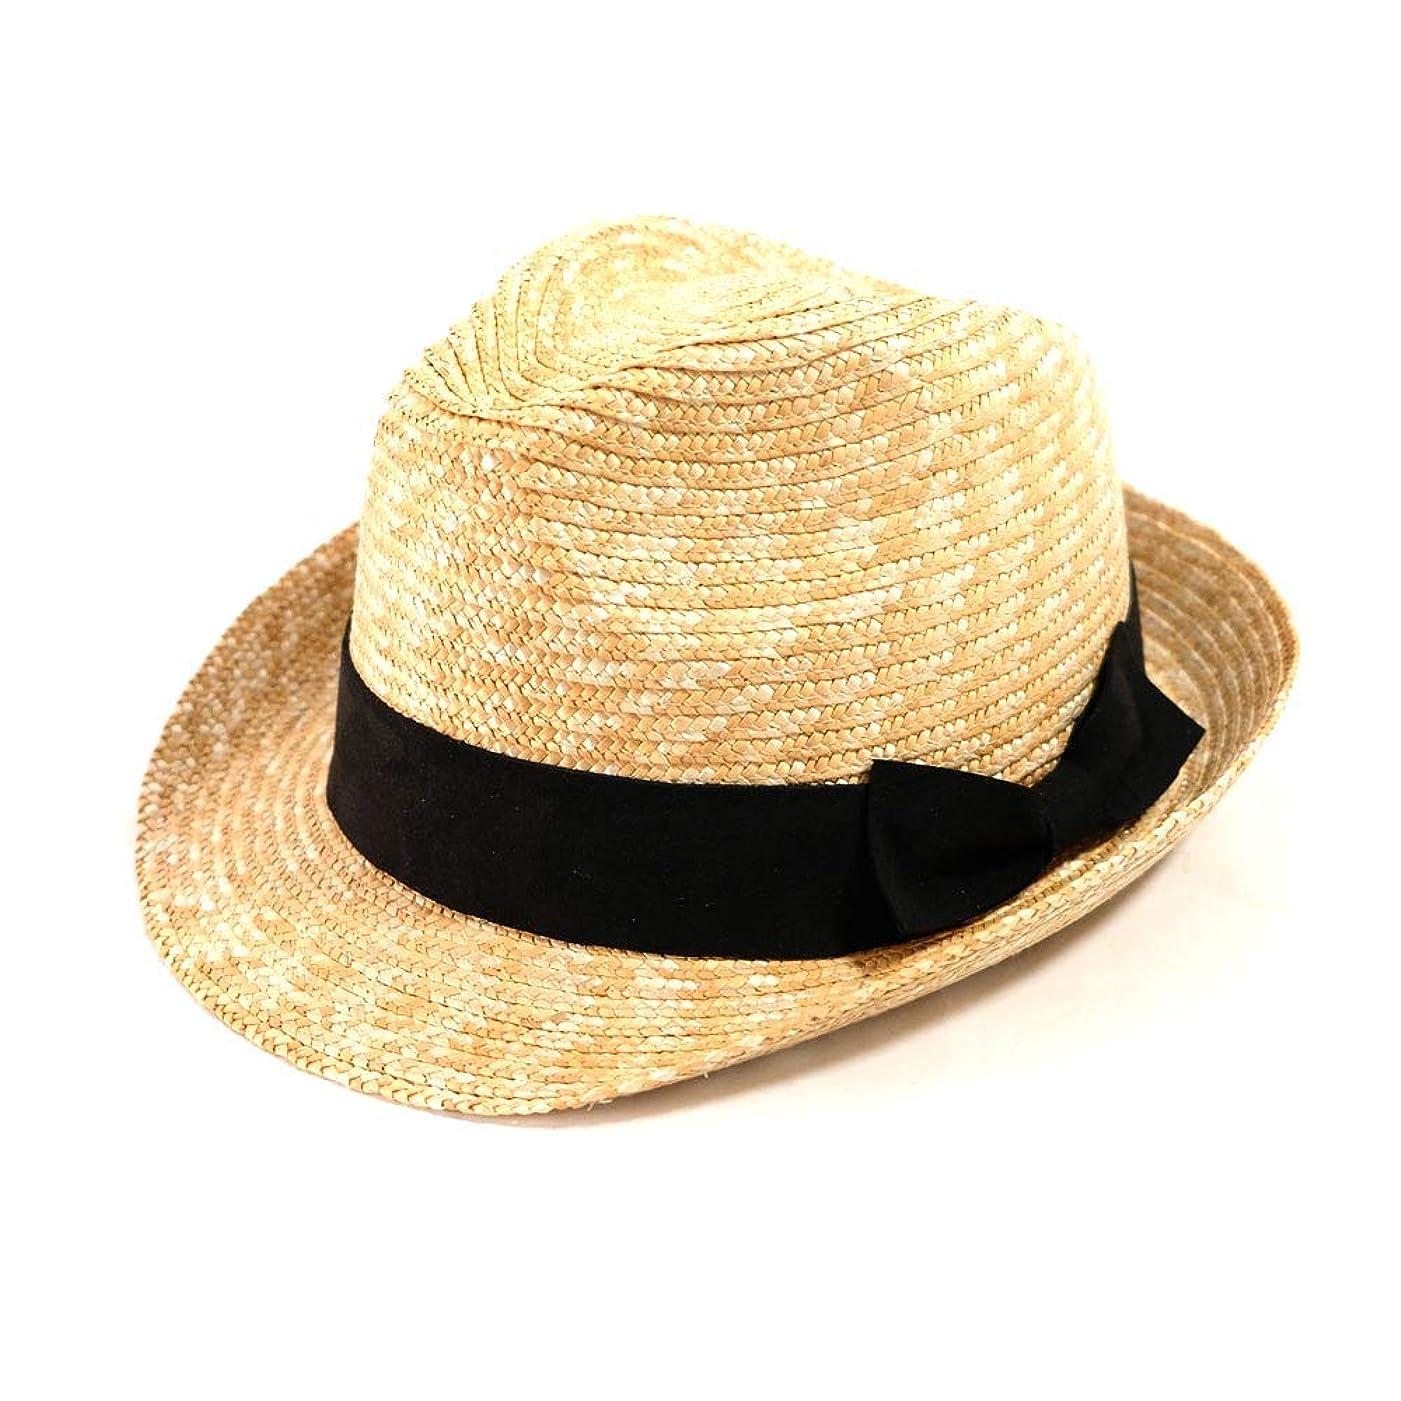 軍ミリメートルピケ麦わら帽子 中折れハット ストローハット 帽子 RILLHAT リルハット 大きいサイズ 大きい帽子 F XL